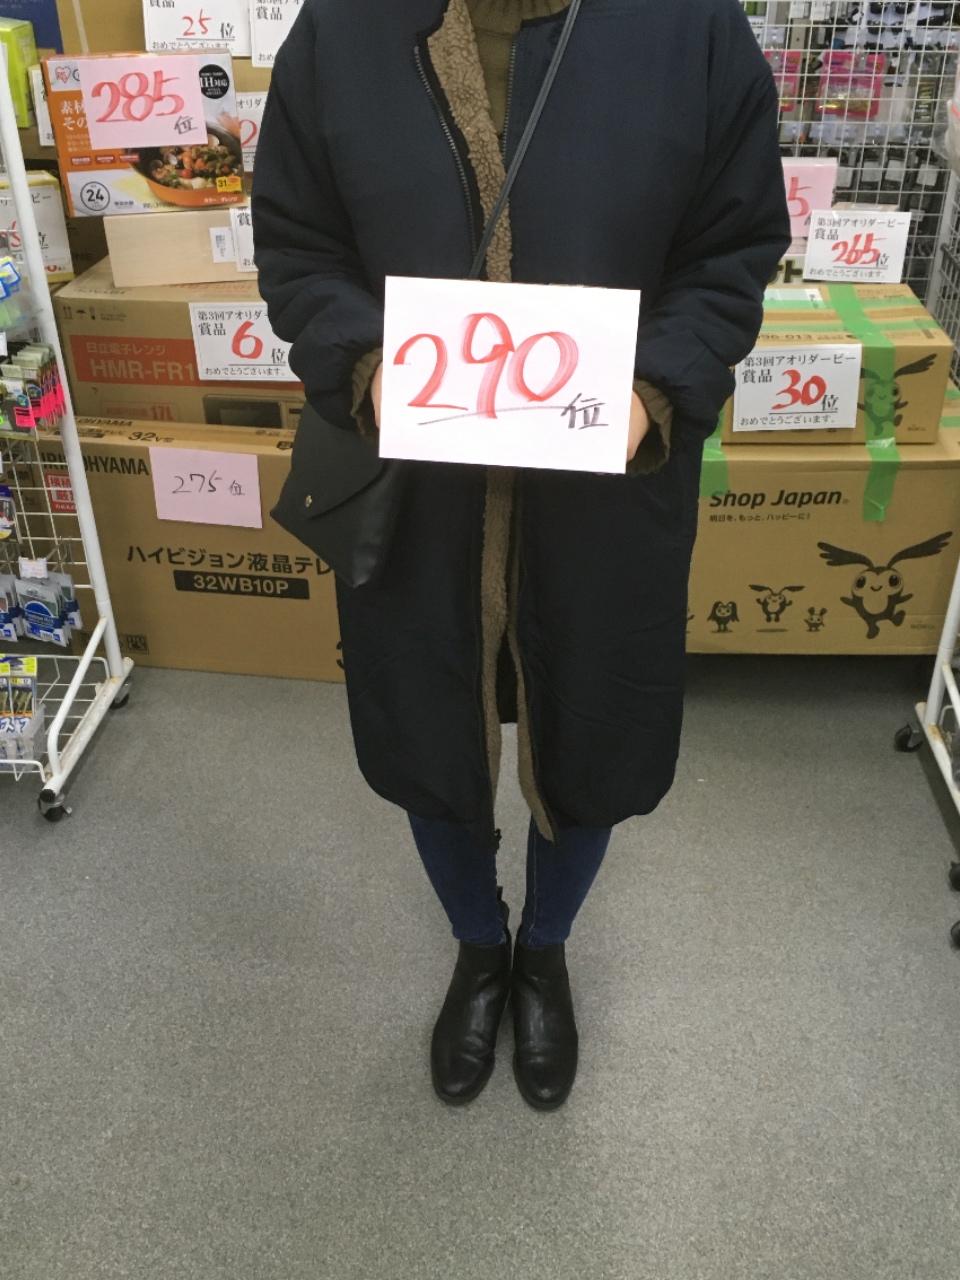 12/23   第5回アオリダービー  290 位  宮ちゃん様 温泉の素get !! おめでとうございます。